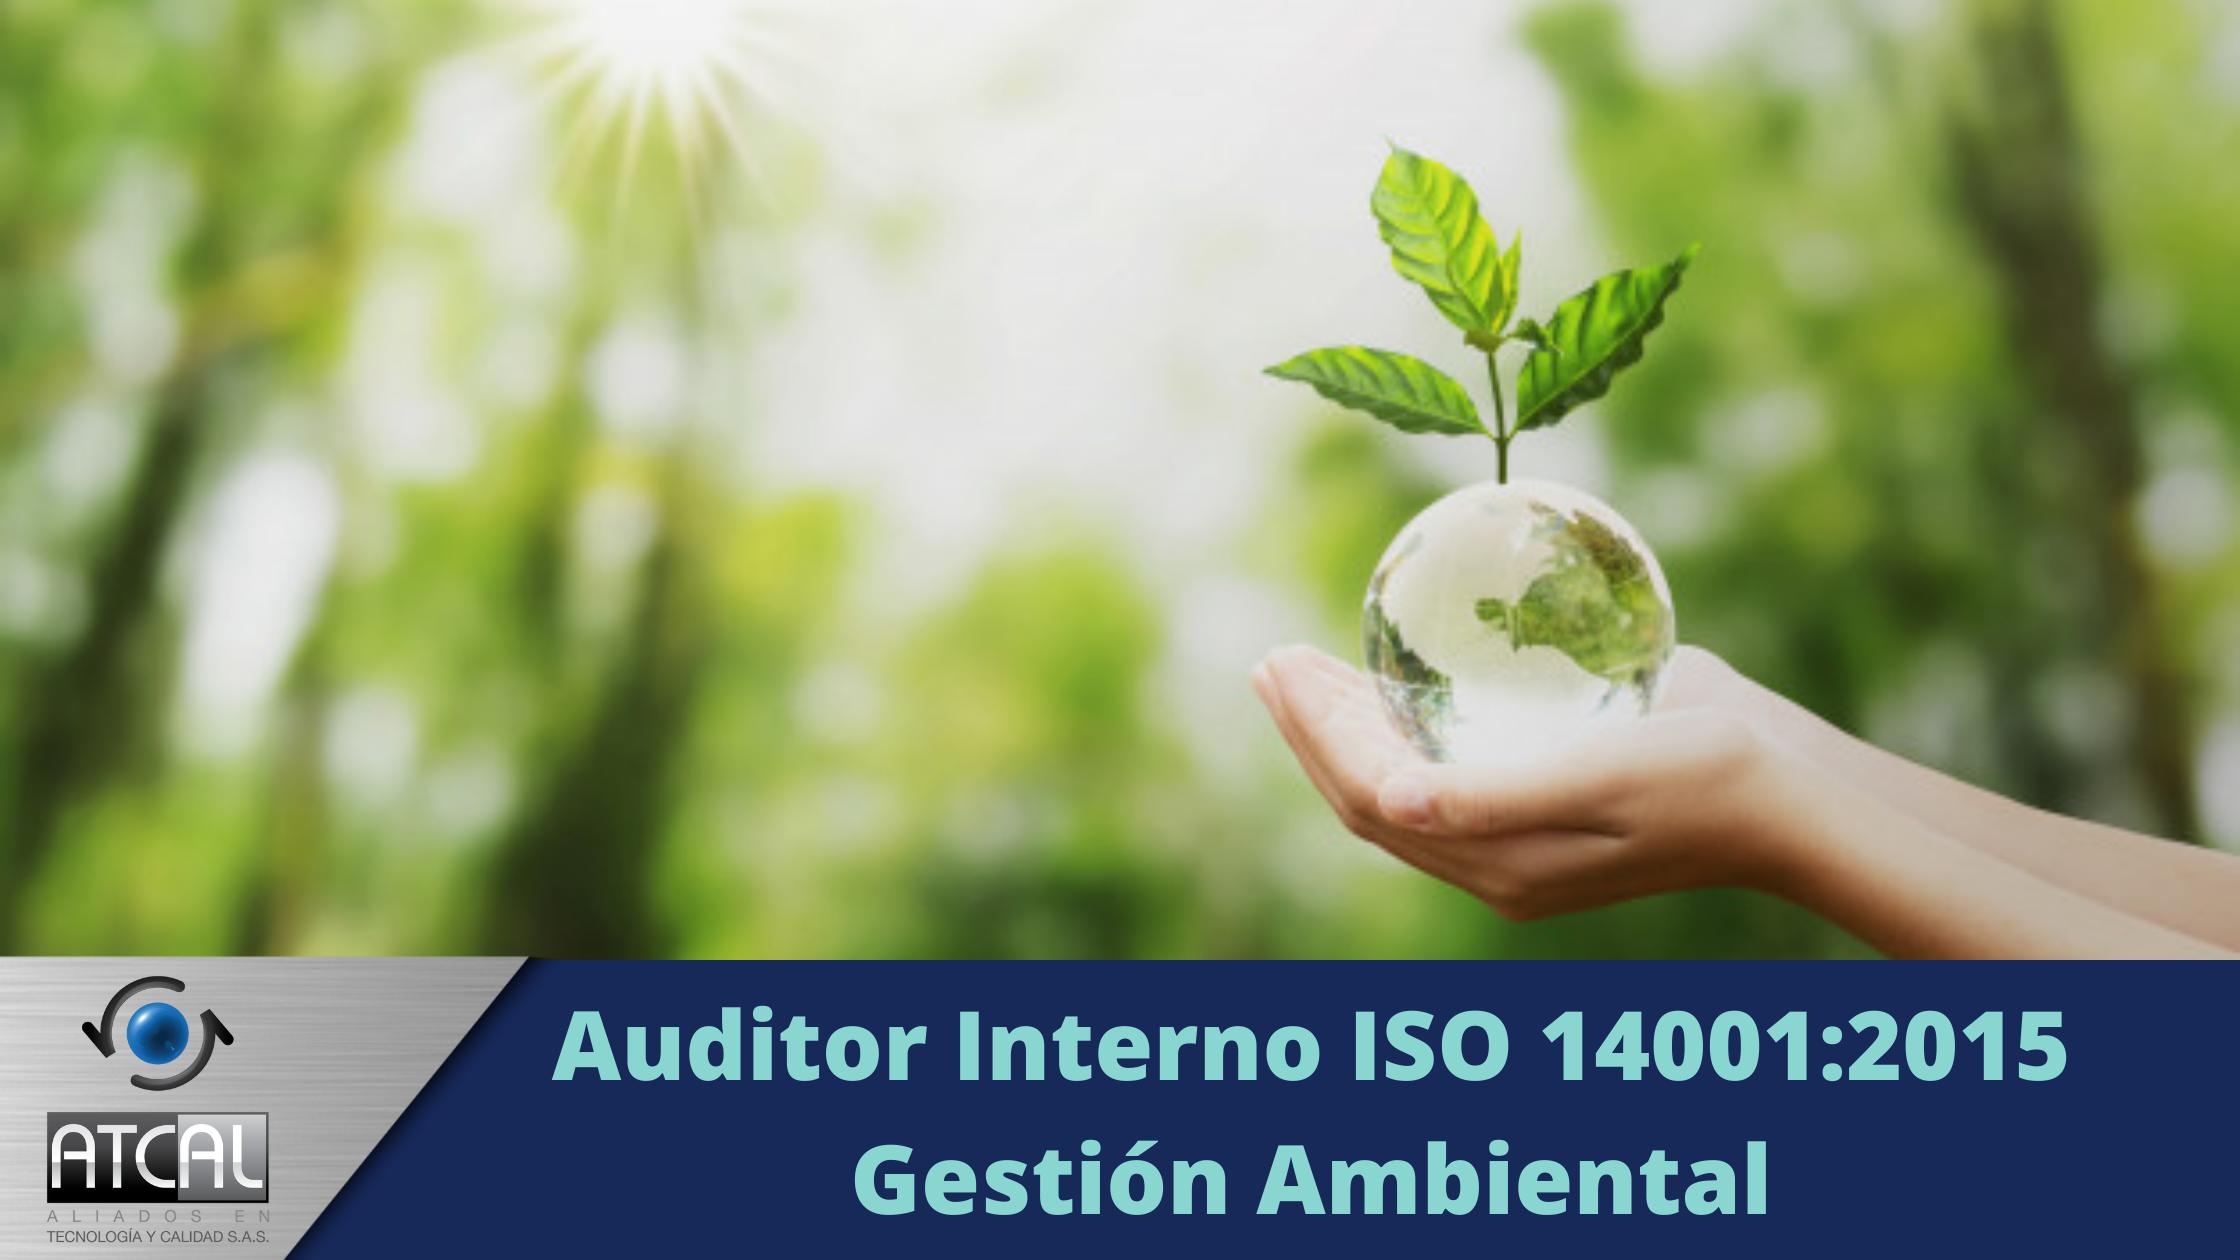 Auditor Interno ISO 14001:2015 Gestión Ambiental